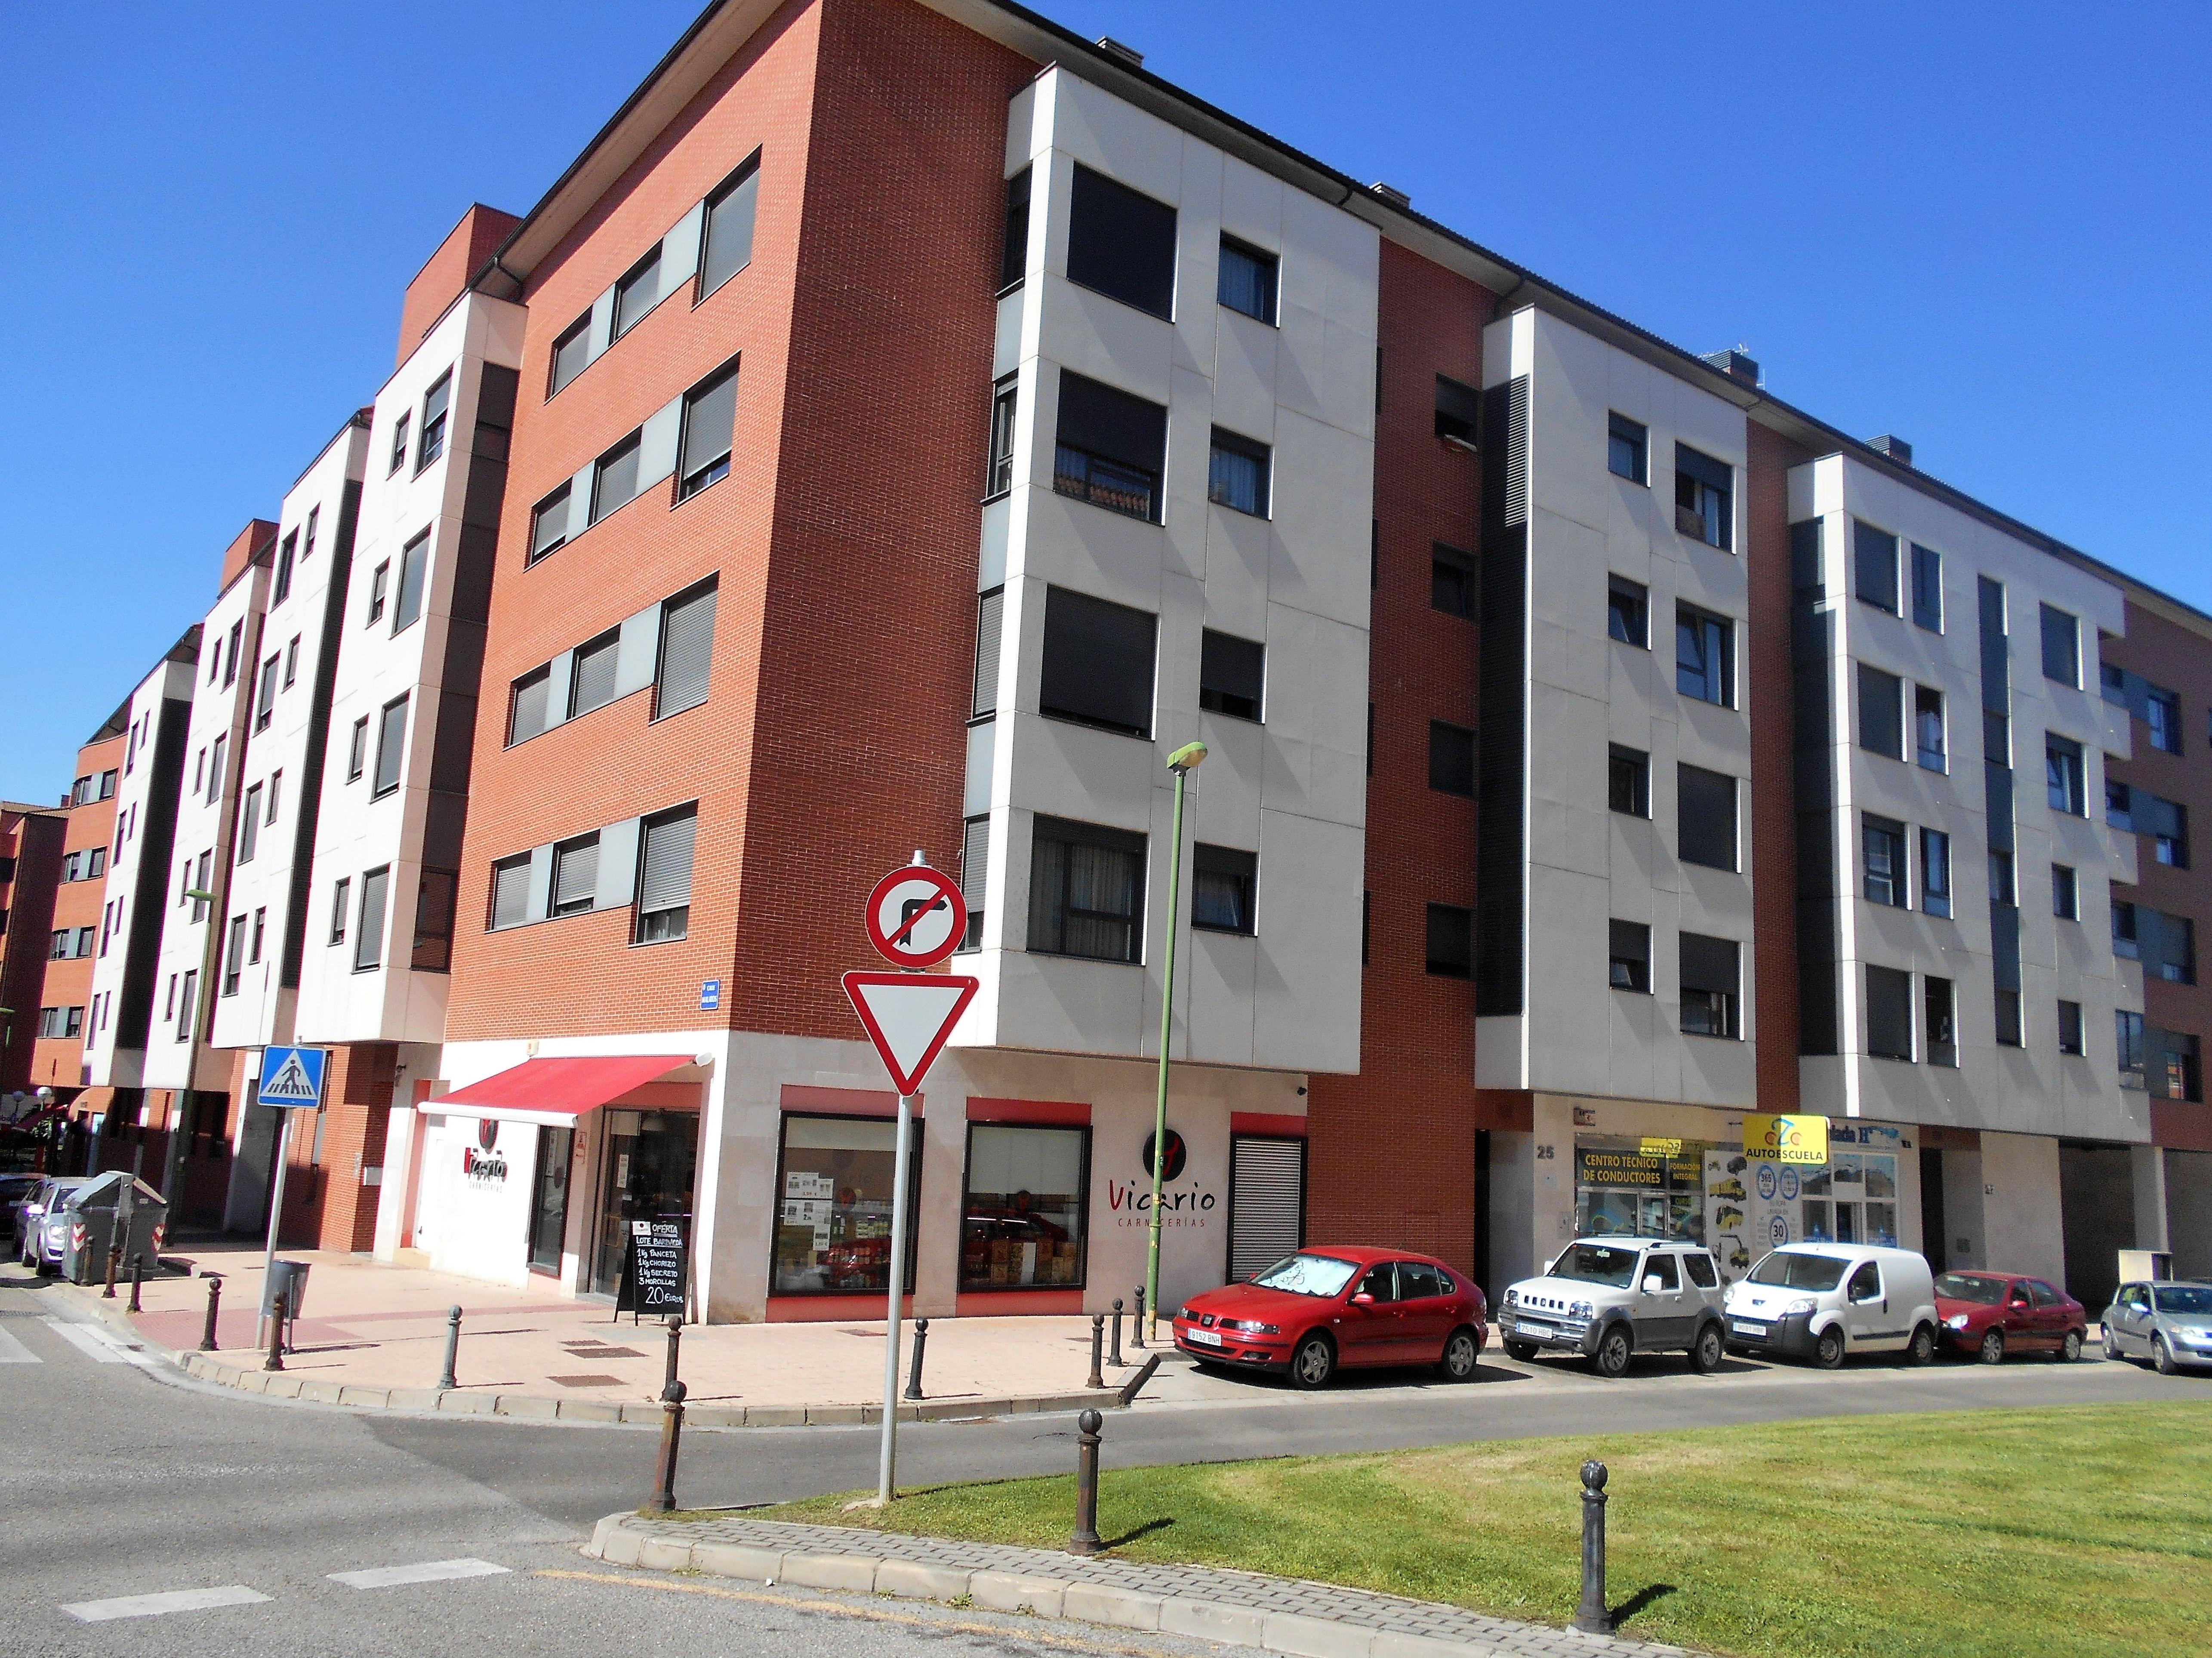 Venta Pisos - Calle San Zadornil: Venta y alquiler de inmuebles de Inmobiliaria Renedo